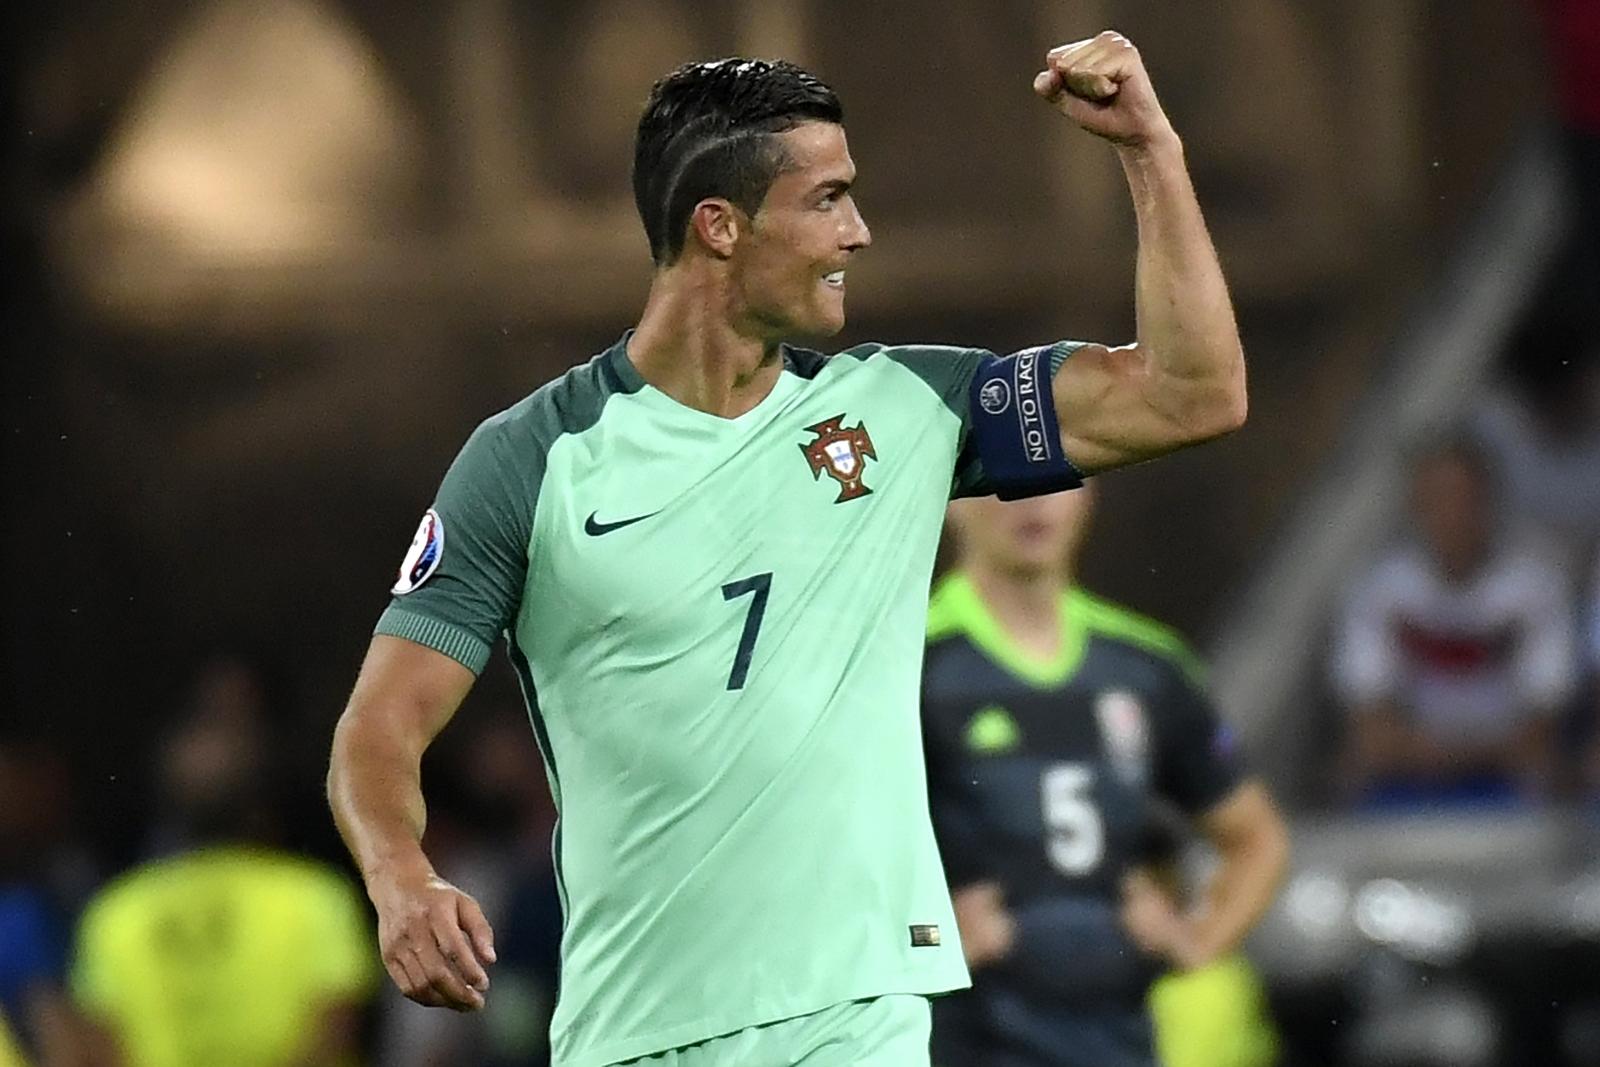 Ronaldo pumps his fist